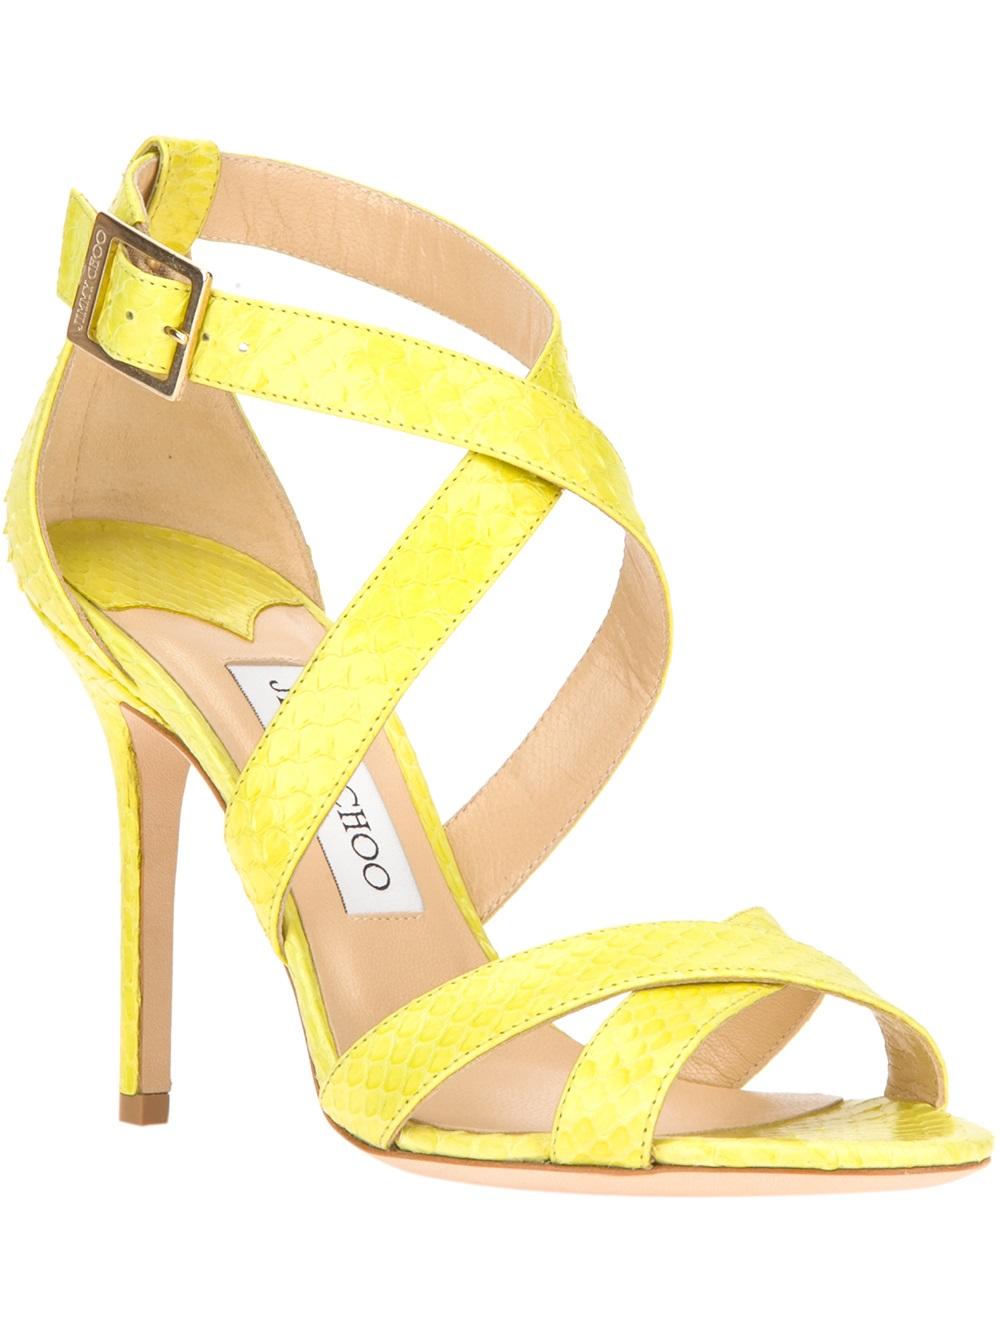 Jimmy Choo Lottie Sandal in Yellow